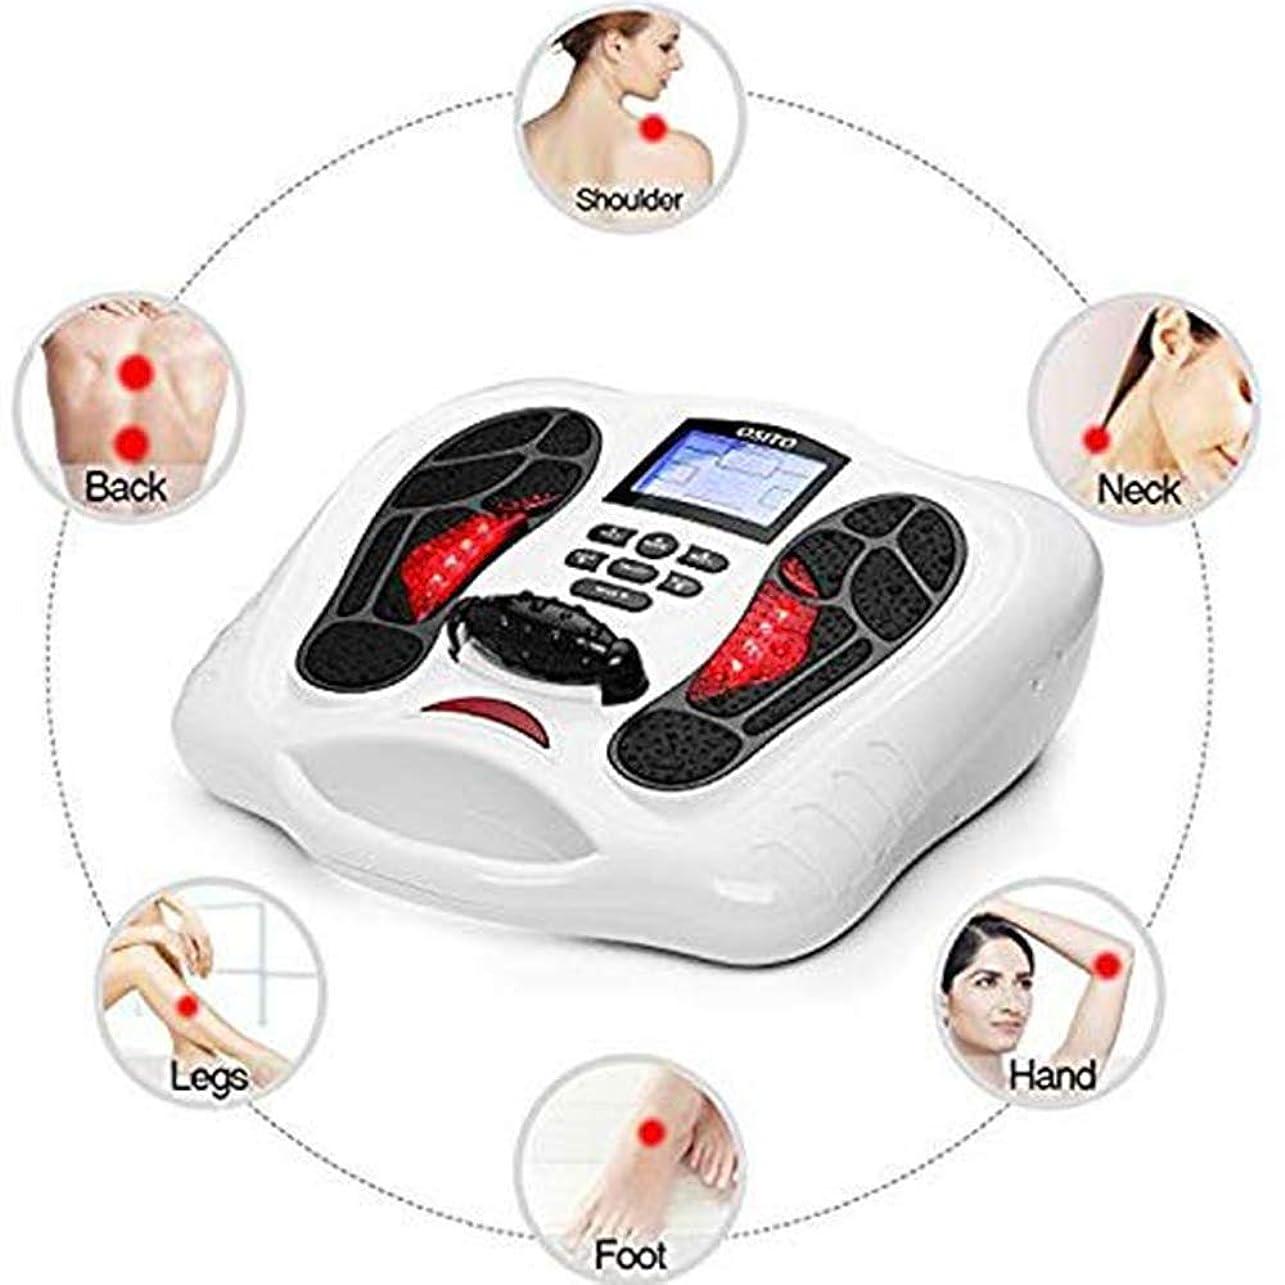 あからさまジョガー確認するEMSの足マッサージ&ボディセラピーマシン-25マッサージモード、4ボディ電極パッド、リモートコントロールは、血液循環を改善し、痛み&痛みを和らげ